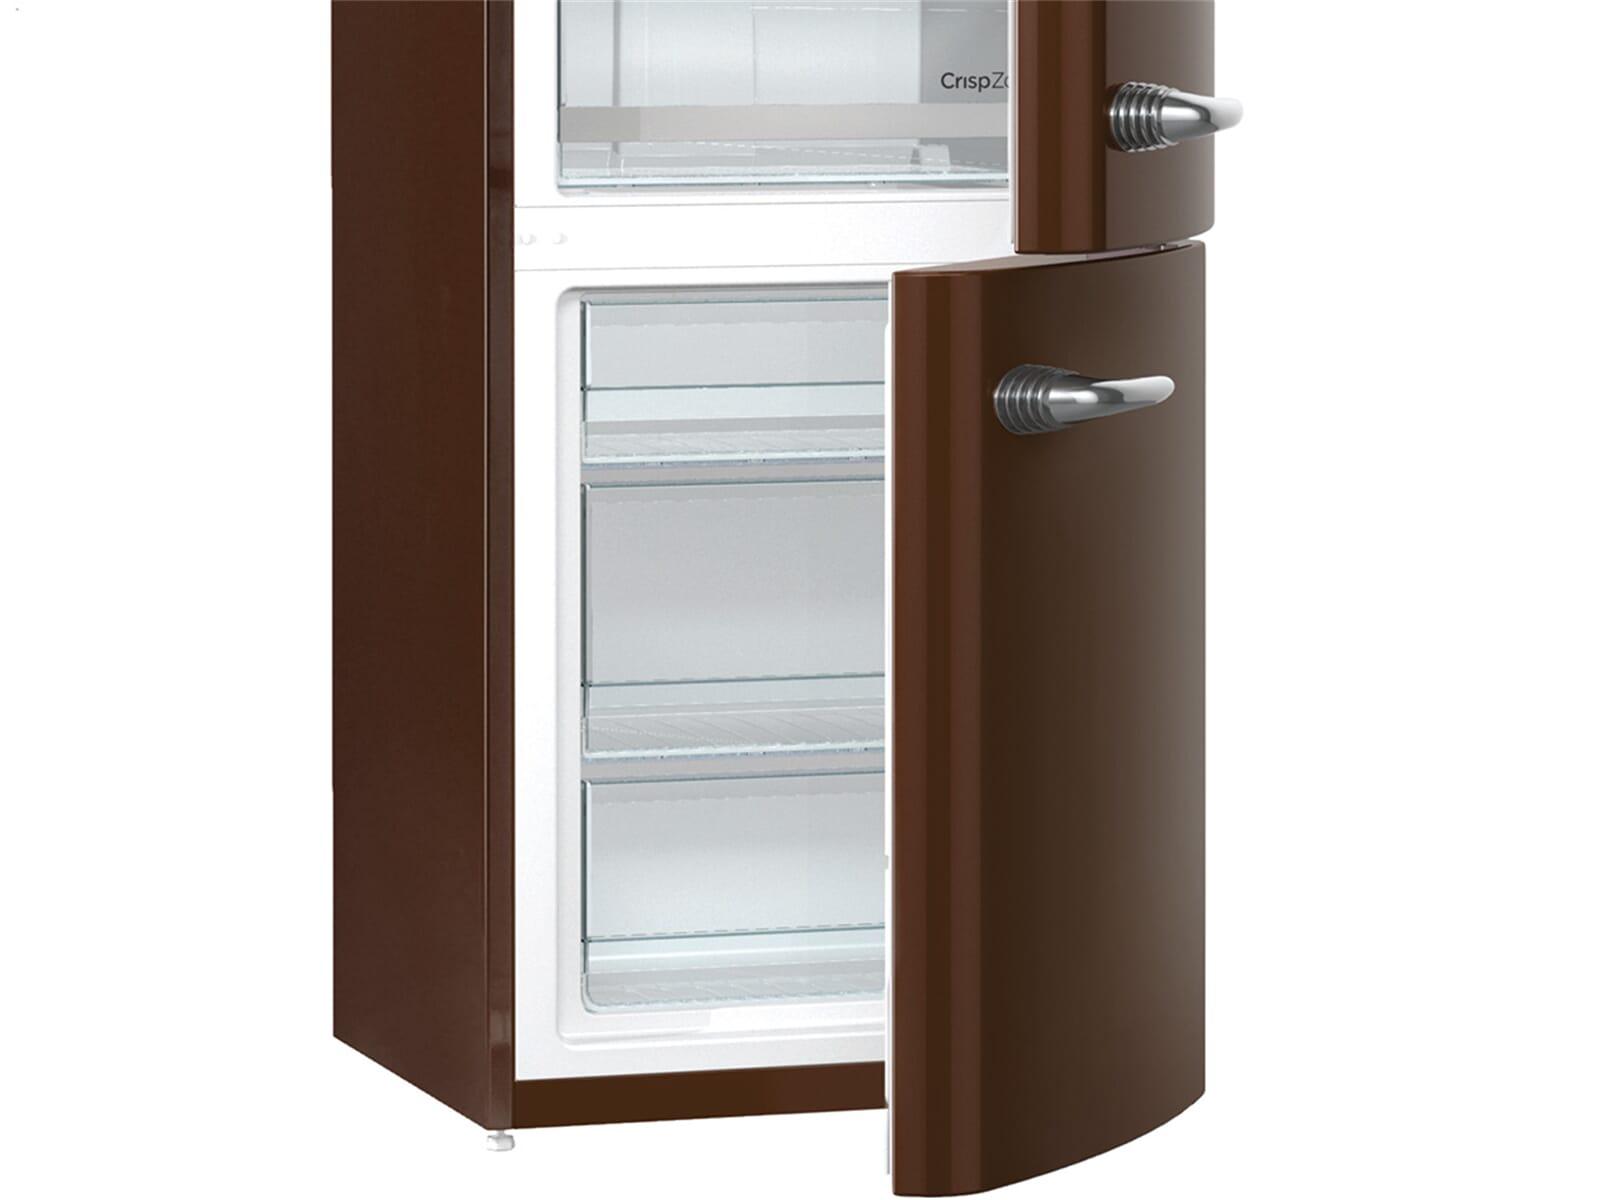 Smeg Kühlschrank Chocolate : Gorenje ork ch kühl gefrierkombination dark chocolate